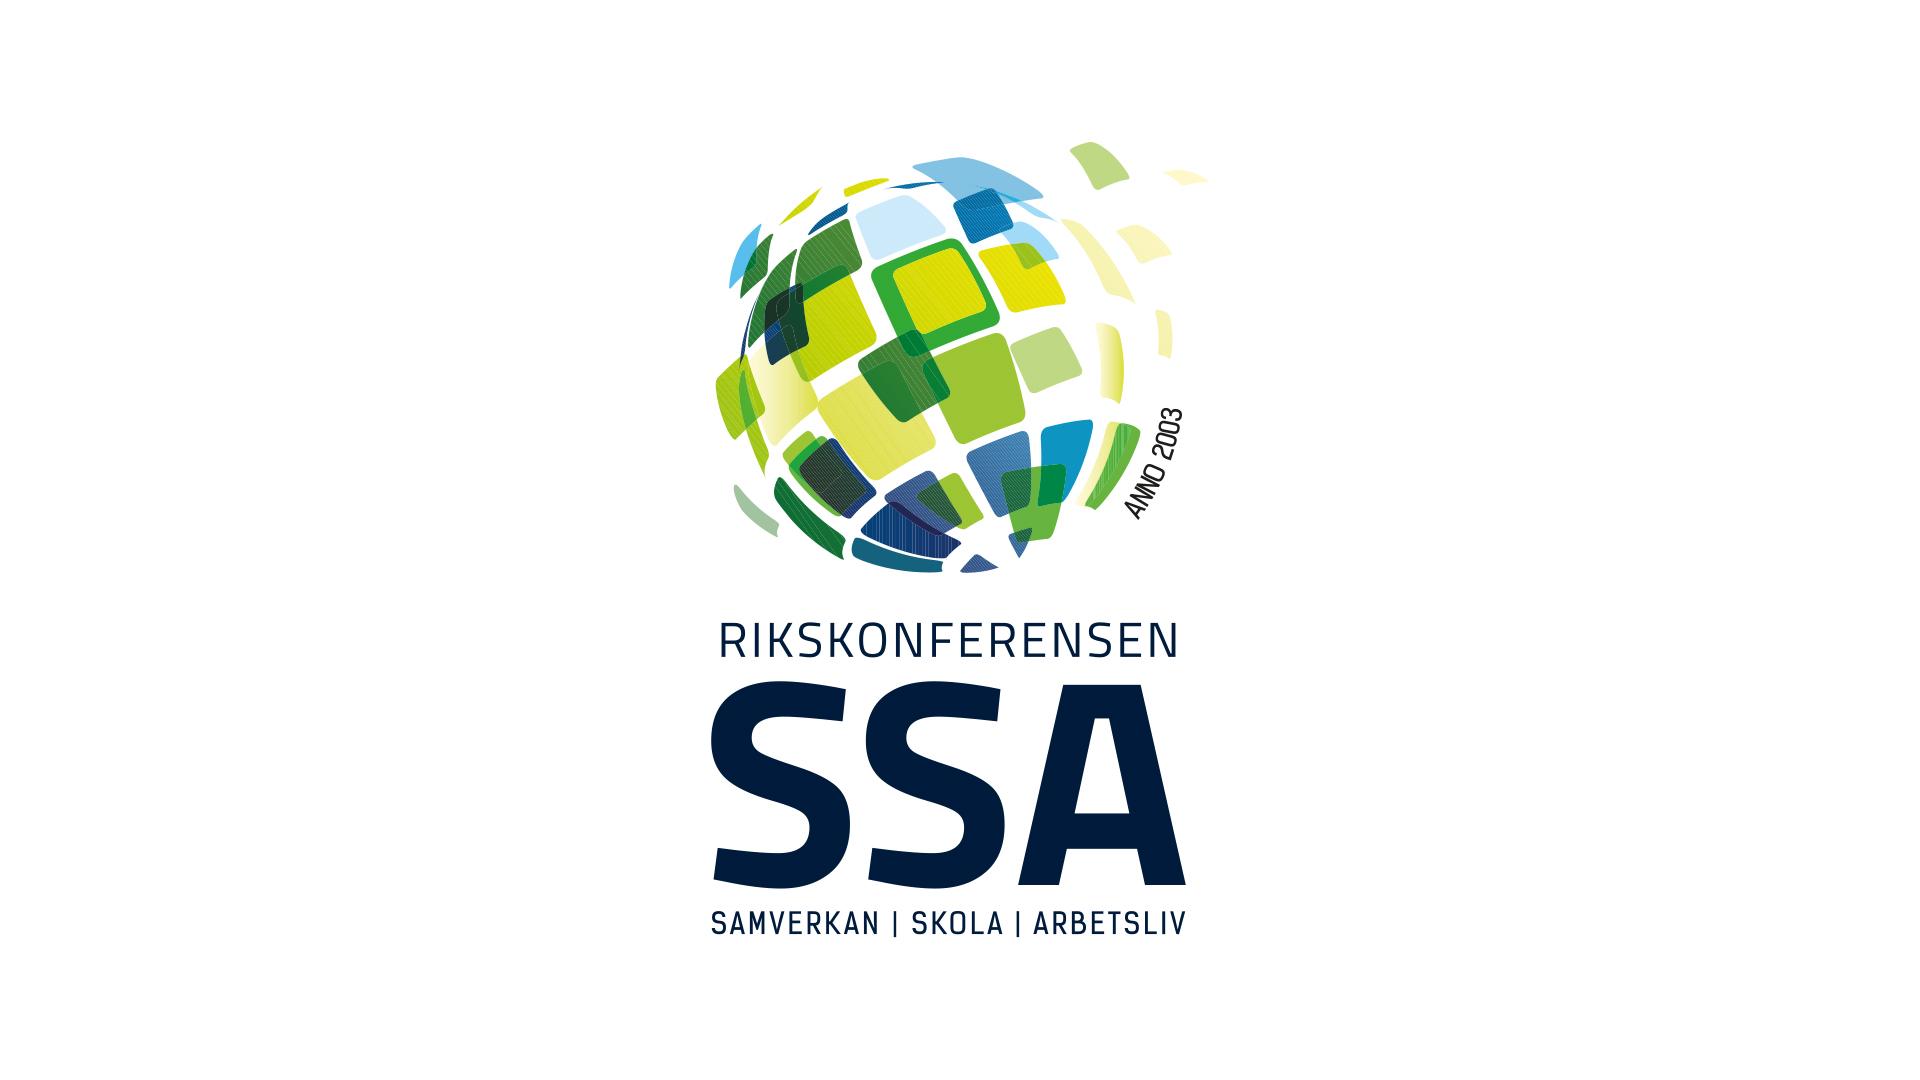 Logotyp för samverkan skola arbetsliv